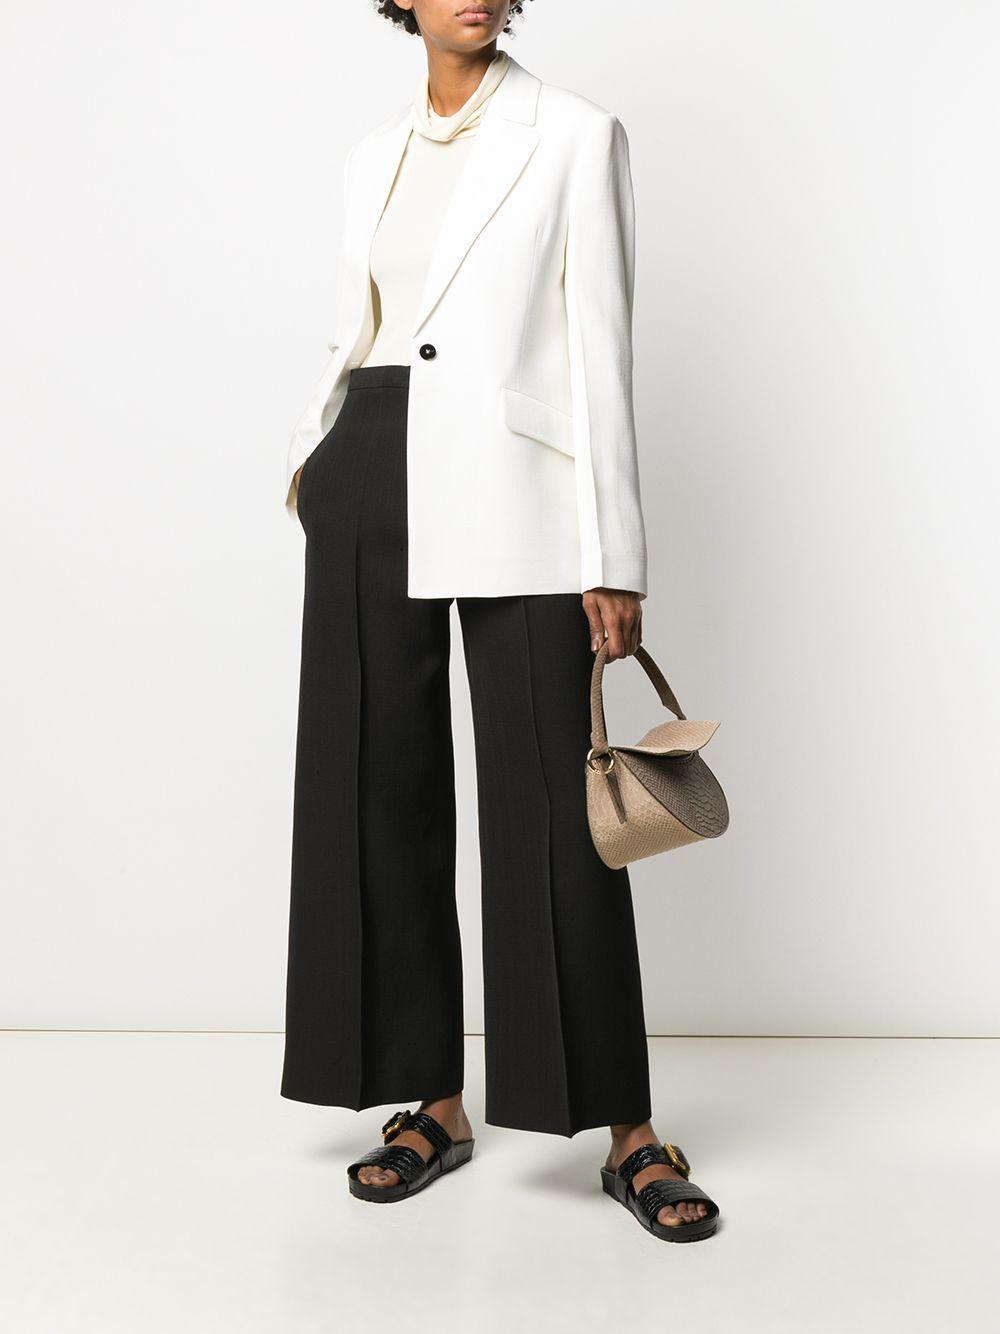 Pantalones anchos de talle alto Jil Sander de Algodón de color Negro